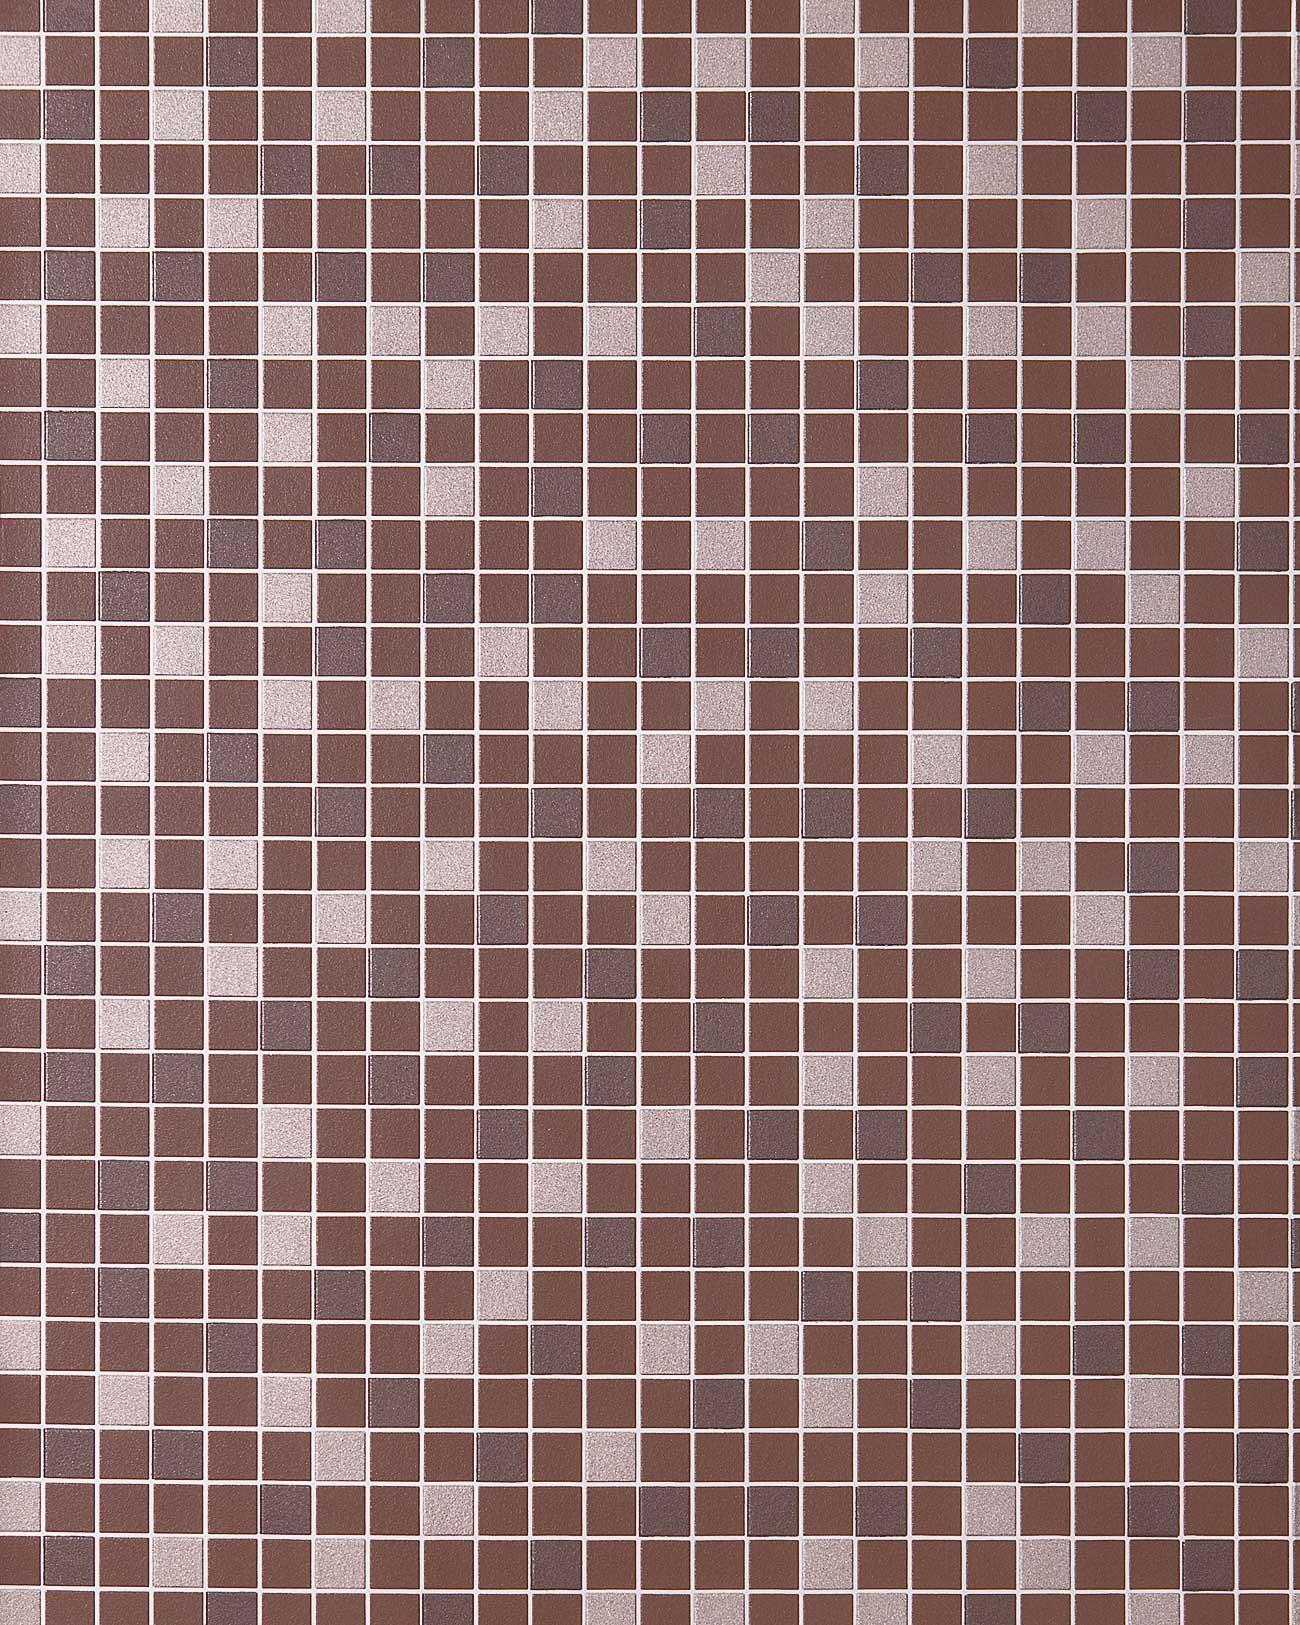 Marburg Tapeten Opulence : Stone Wall Tiles Kitchen Texture